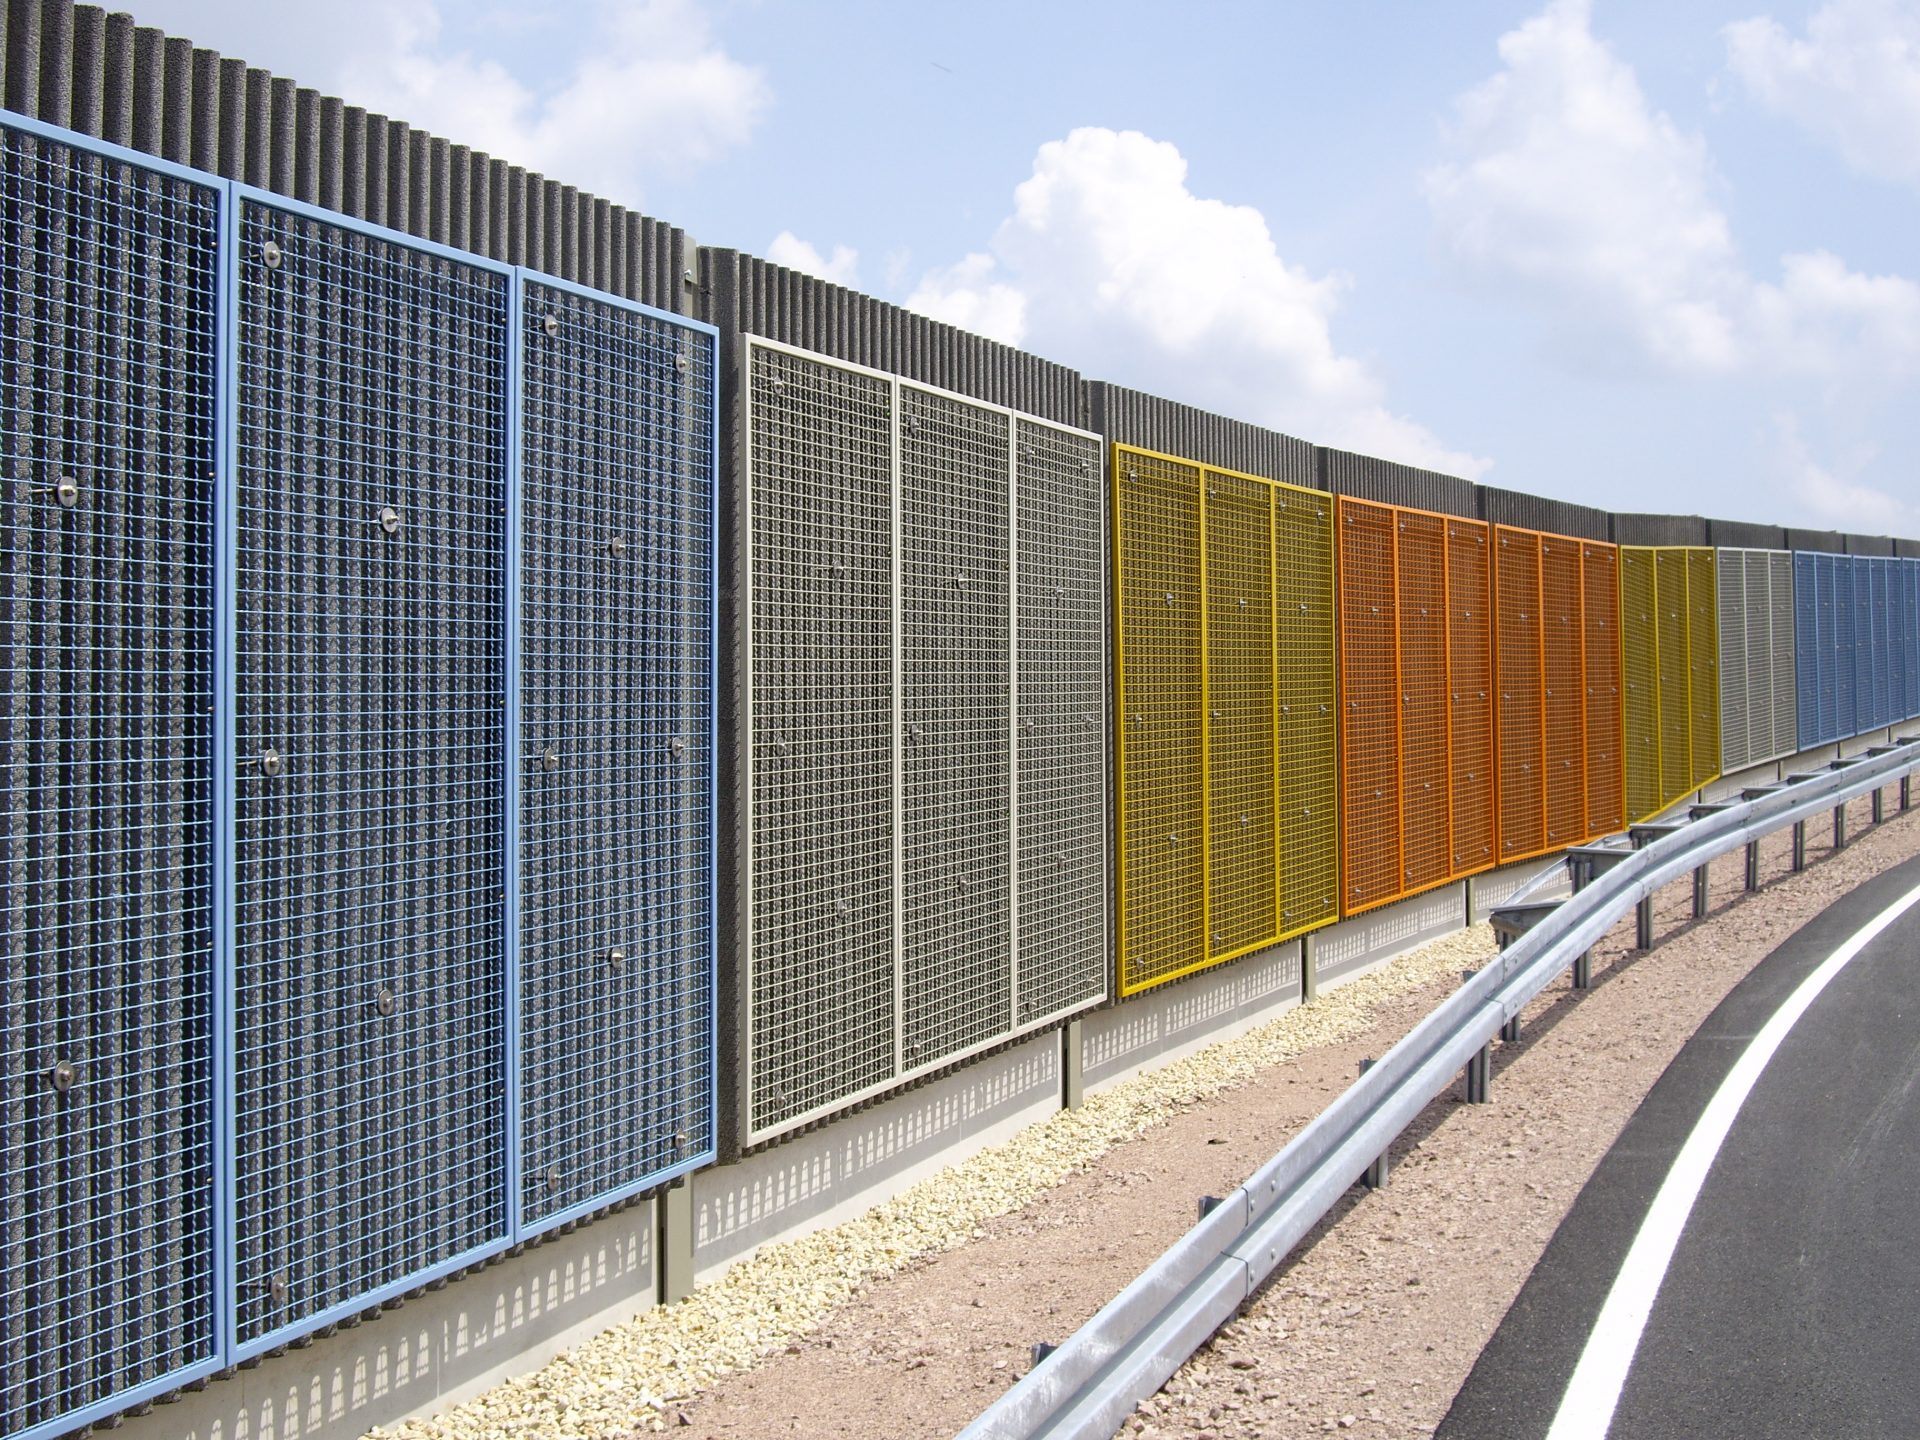 Lärmschutzwand, Beton mit Graffitischutzgittern, Sachsen